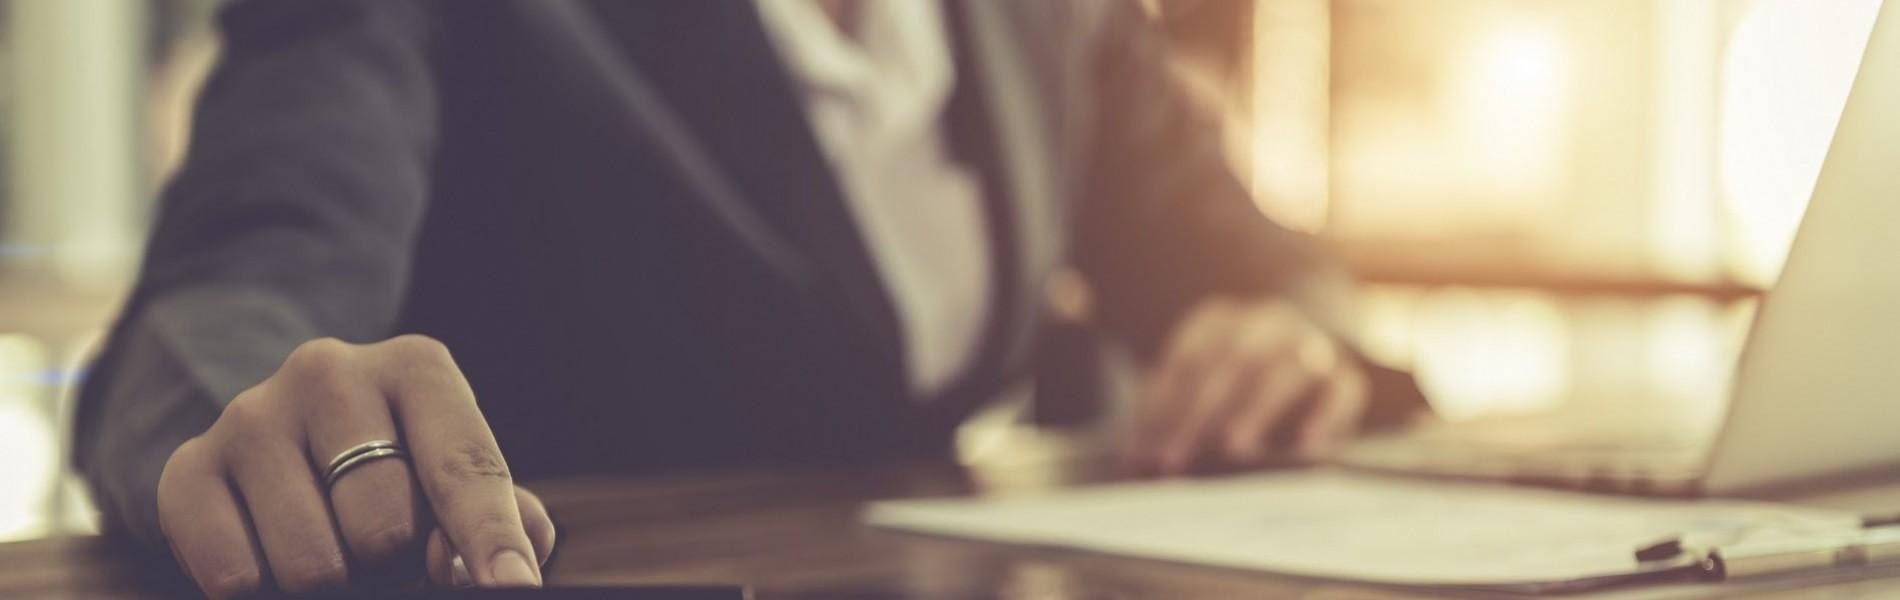 Déclaration d'impôts 2017: retrouvez notre Foire Aux Questions